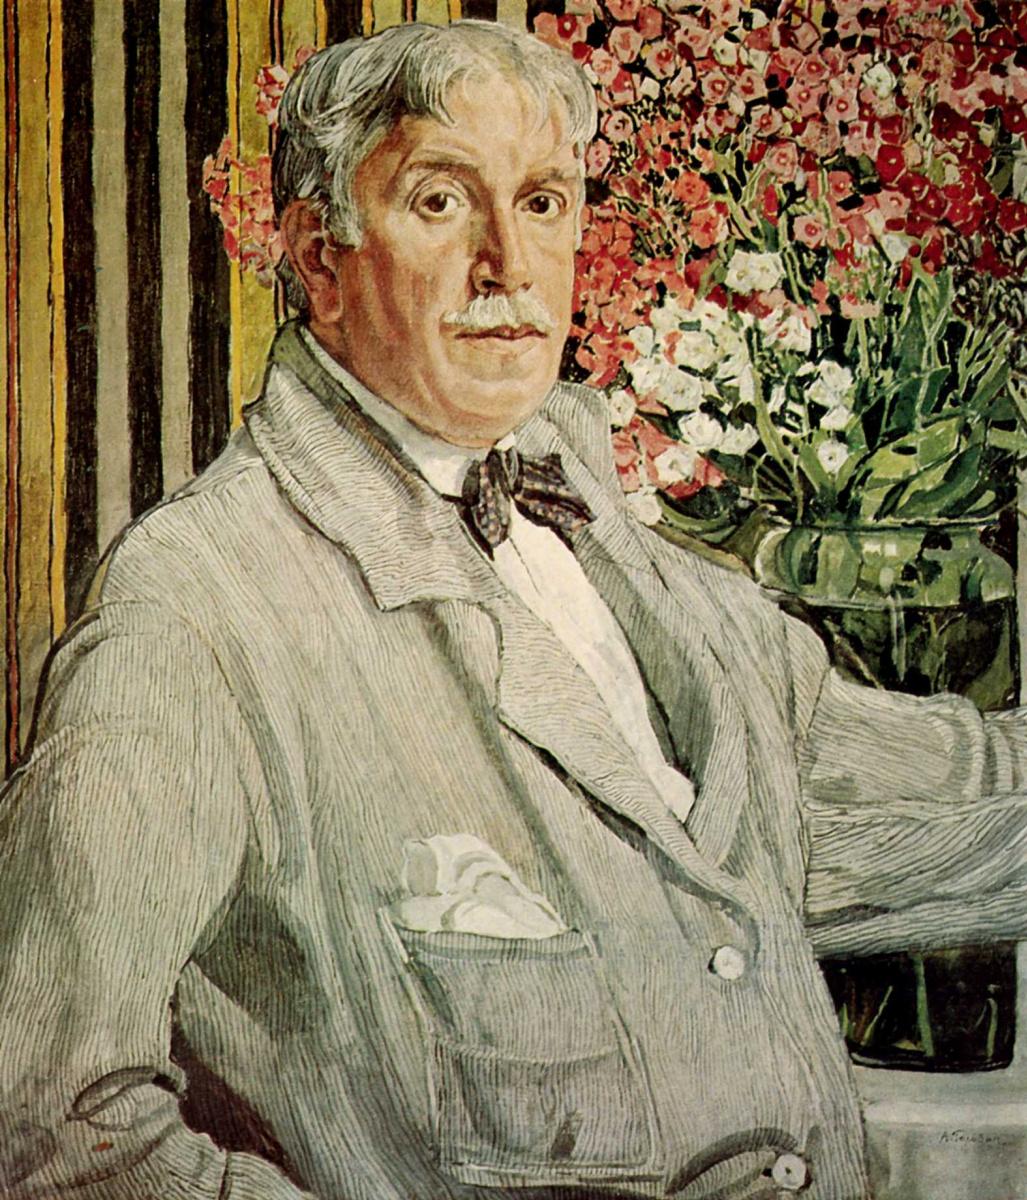 Александр Яковлевич Головин. Автопортрет с полосатой тканью